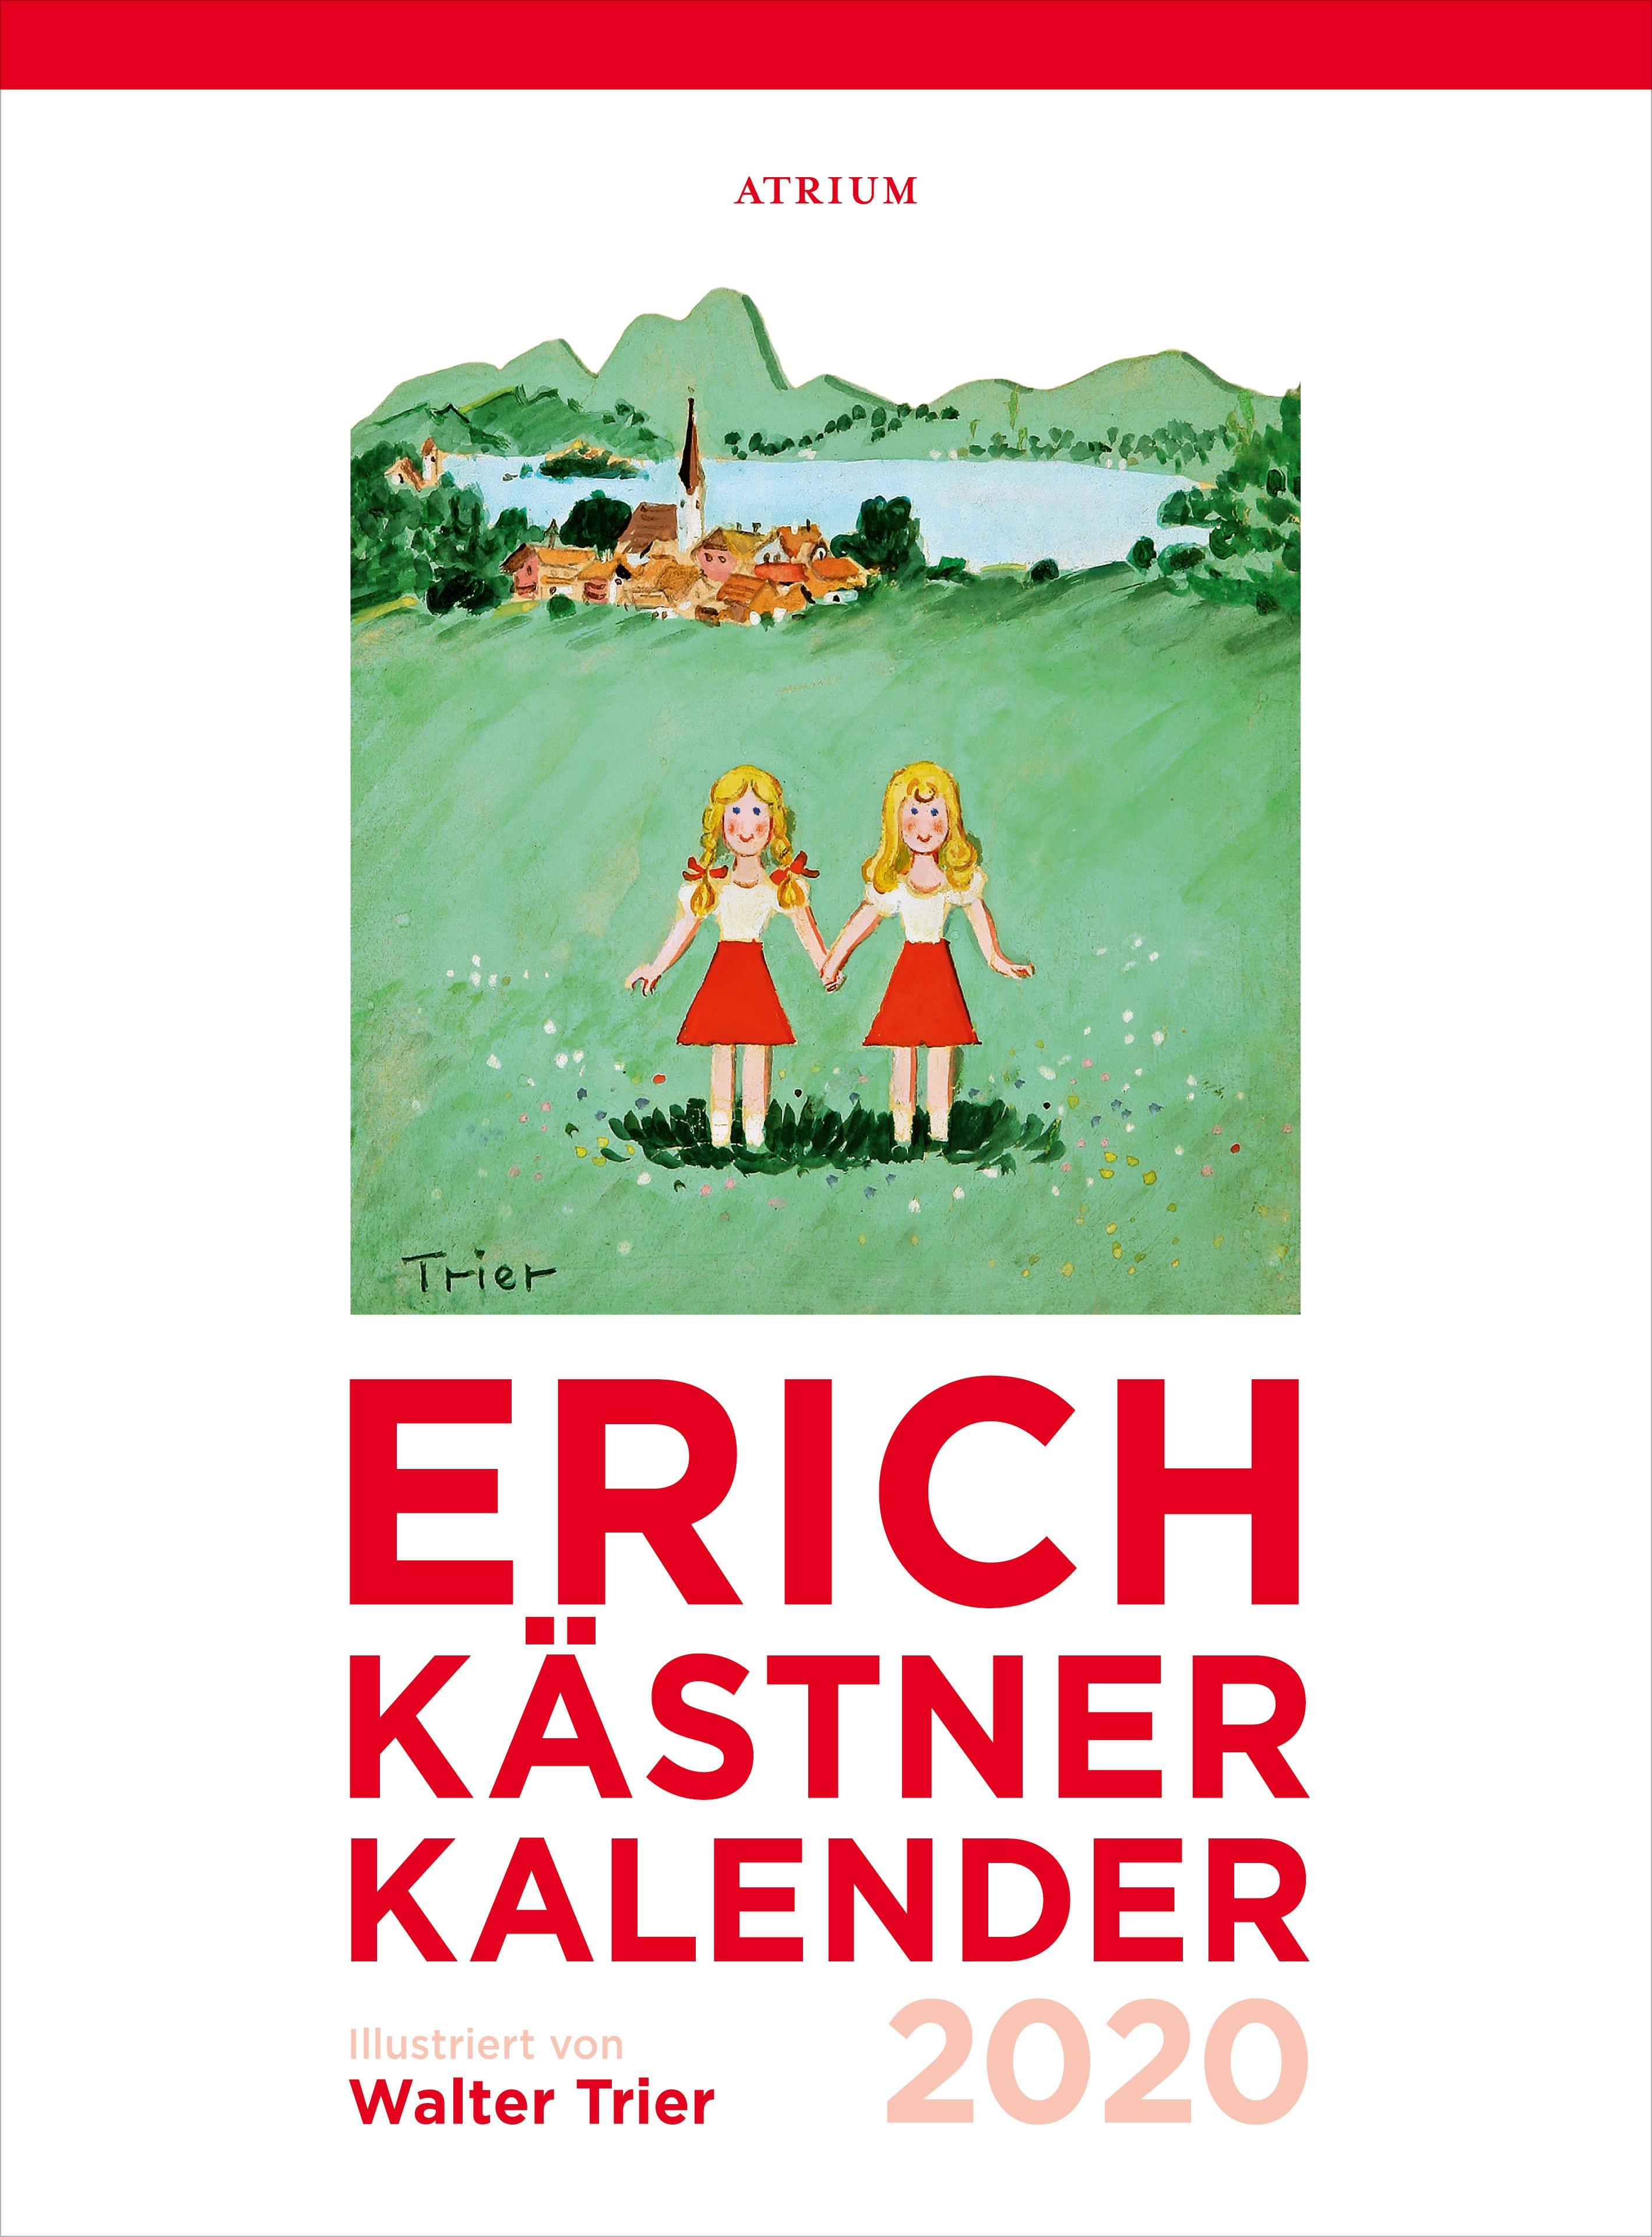 Der Erich Kästner Kalender 2020